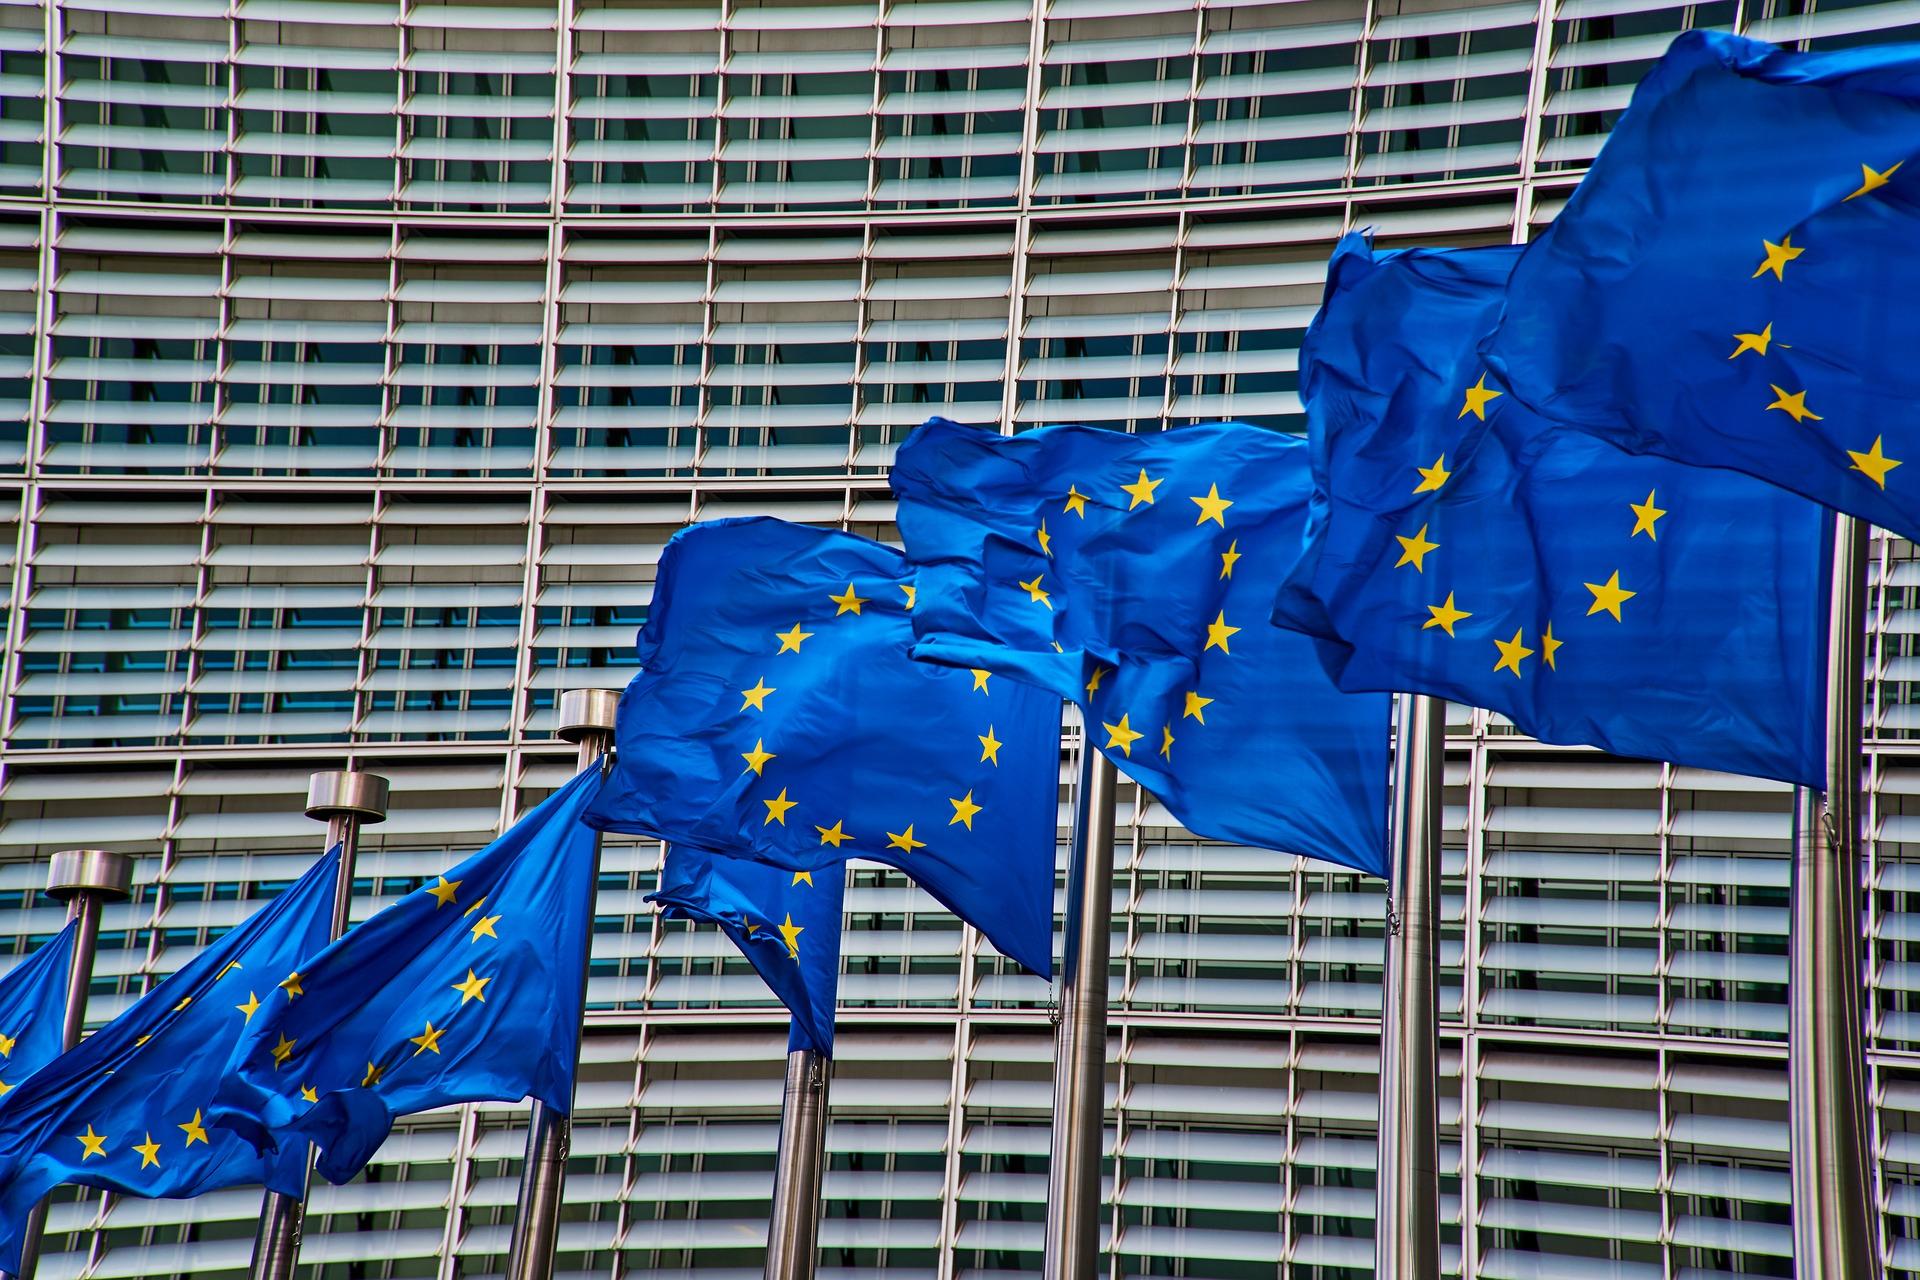 Wybory do Parlamentu Europejskiego - informacje dla niepełnosprawnych